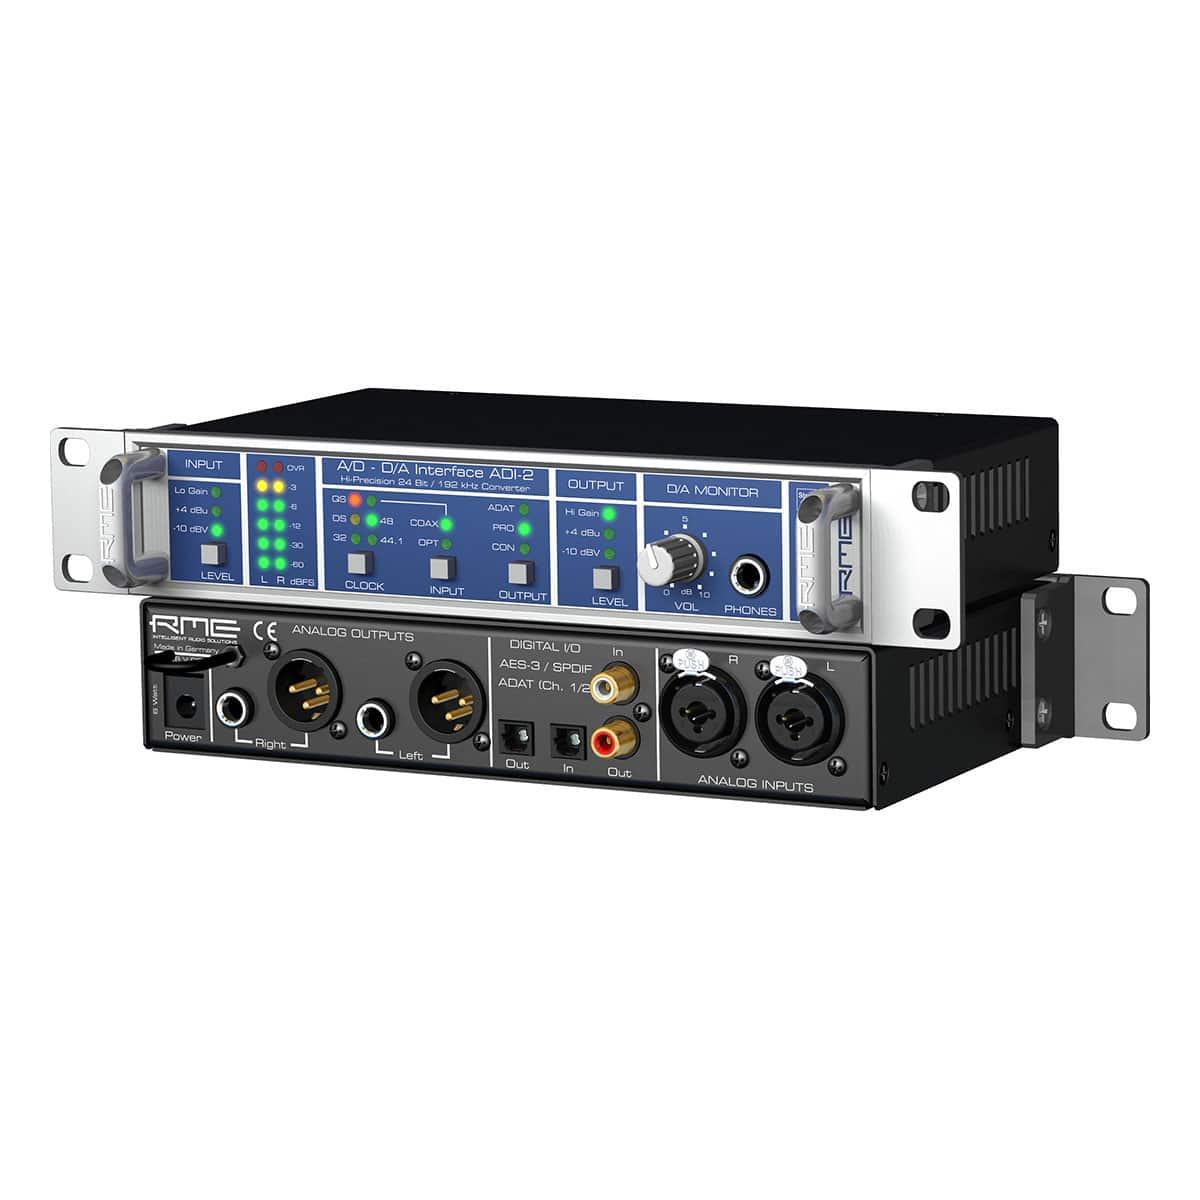 RME ADI 2 03 Convertitori audio professionali, Strumentazioni Pro Audio per studi di registrazione, Audio digitale: Convertitori e schede audio, Interfacce e schede audio USB e Thunderbolt per PC e Mac